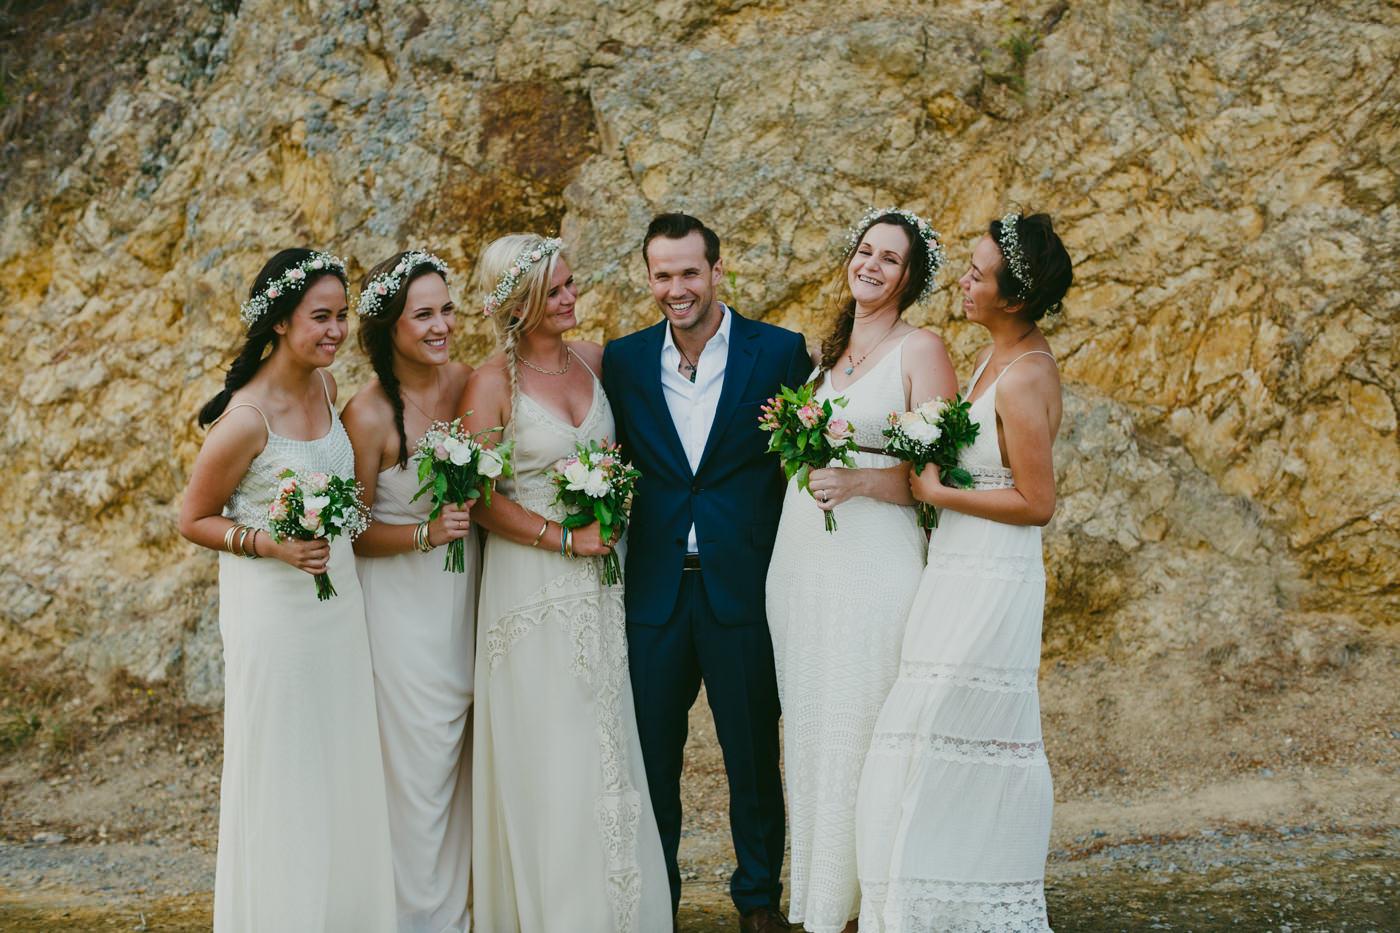 069z_auckland_leigh_wedding_photos.jpg